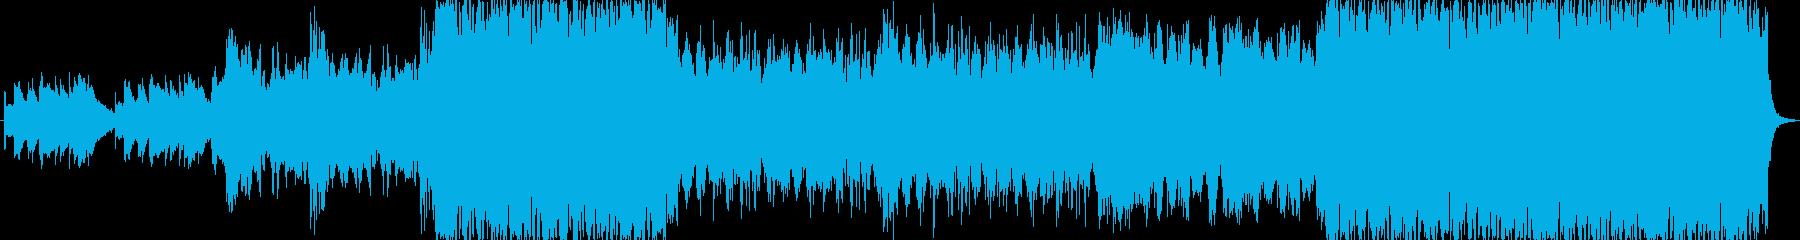 オーケストラ楽器魔法の魔法のおとぎ...の再生済みの波形